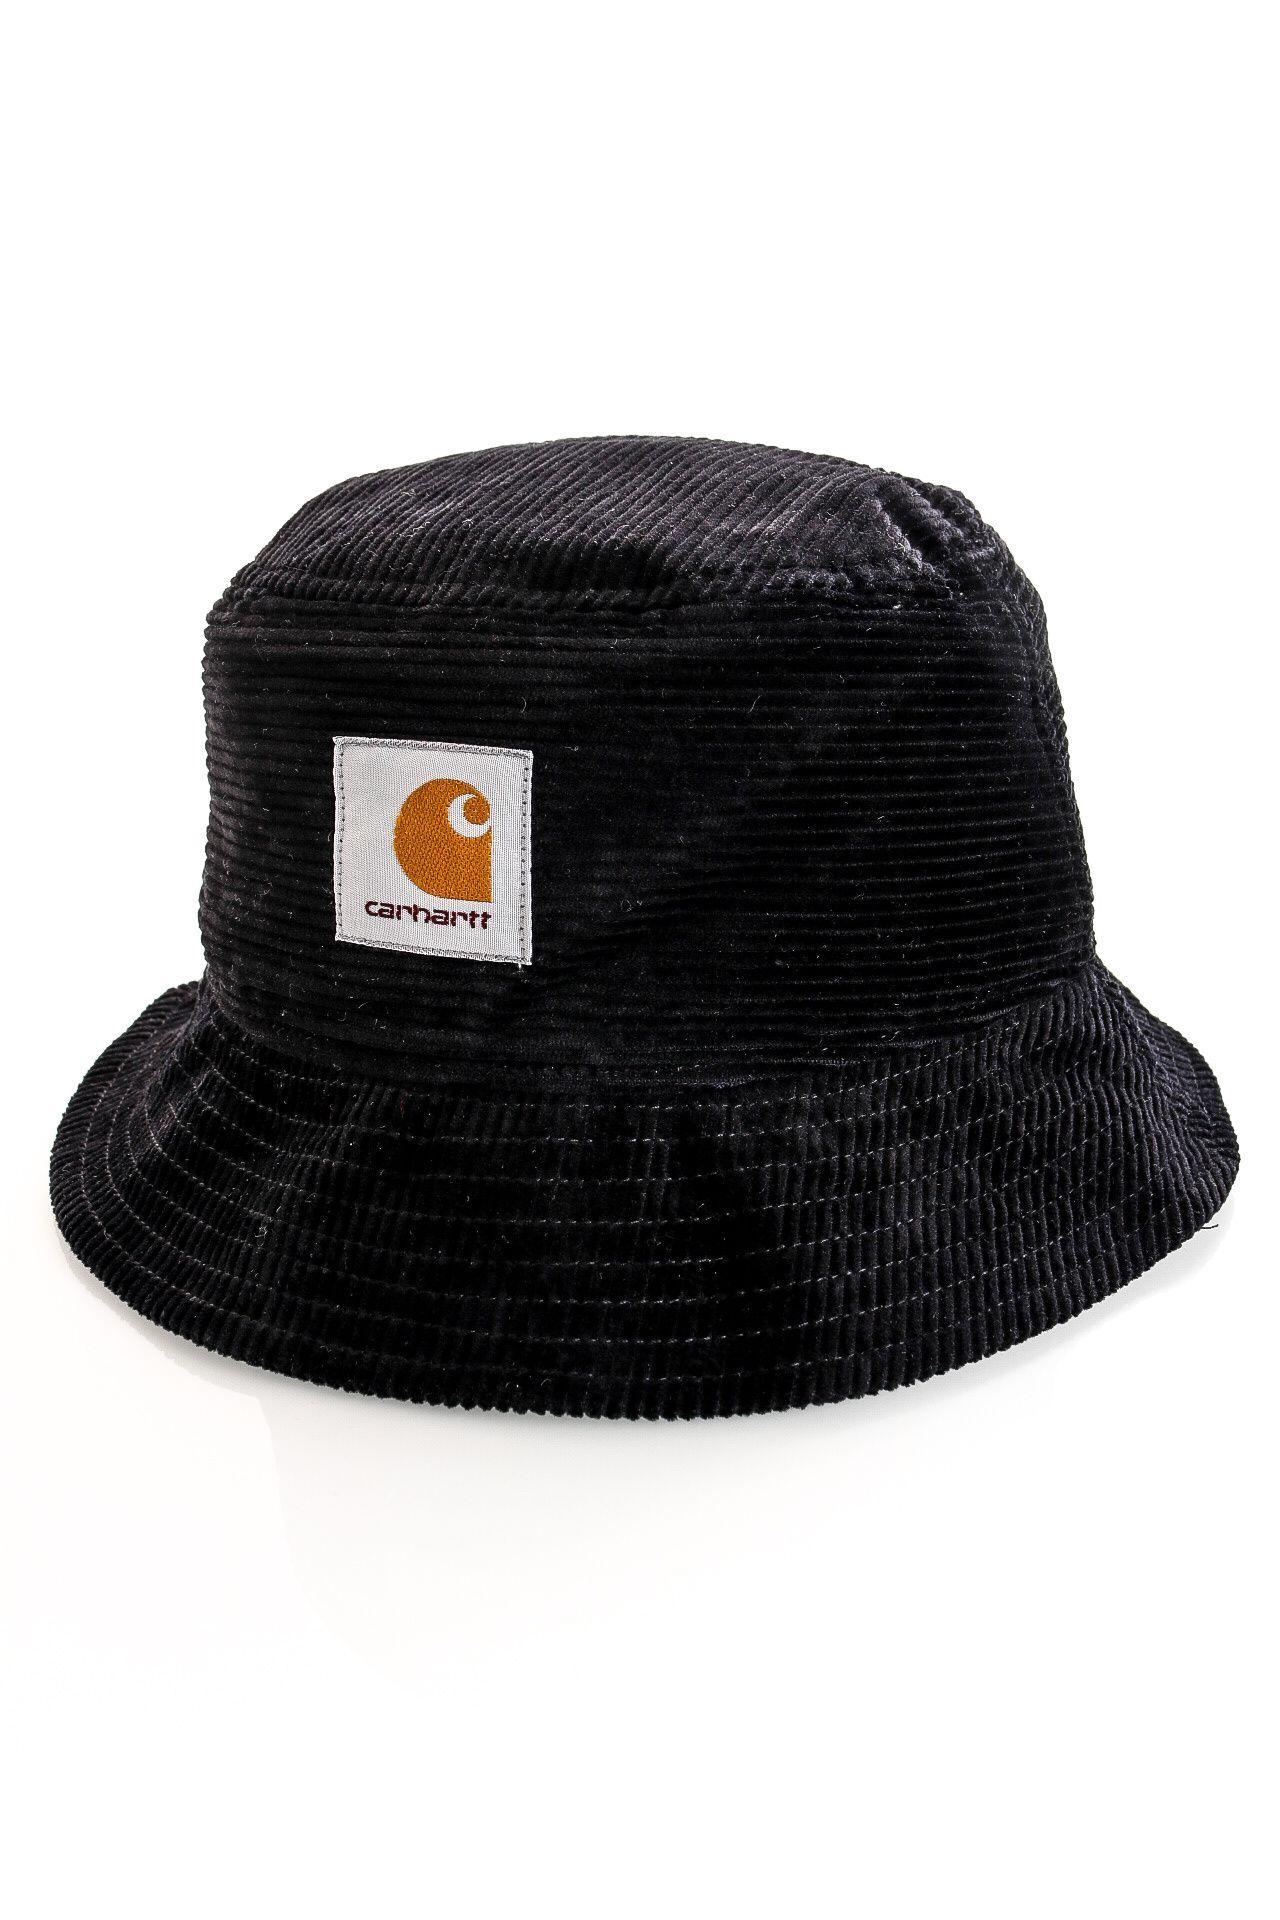 Afbeelding van Carhartt Bucket Hat Cord Hat Black I028162